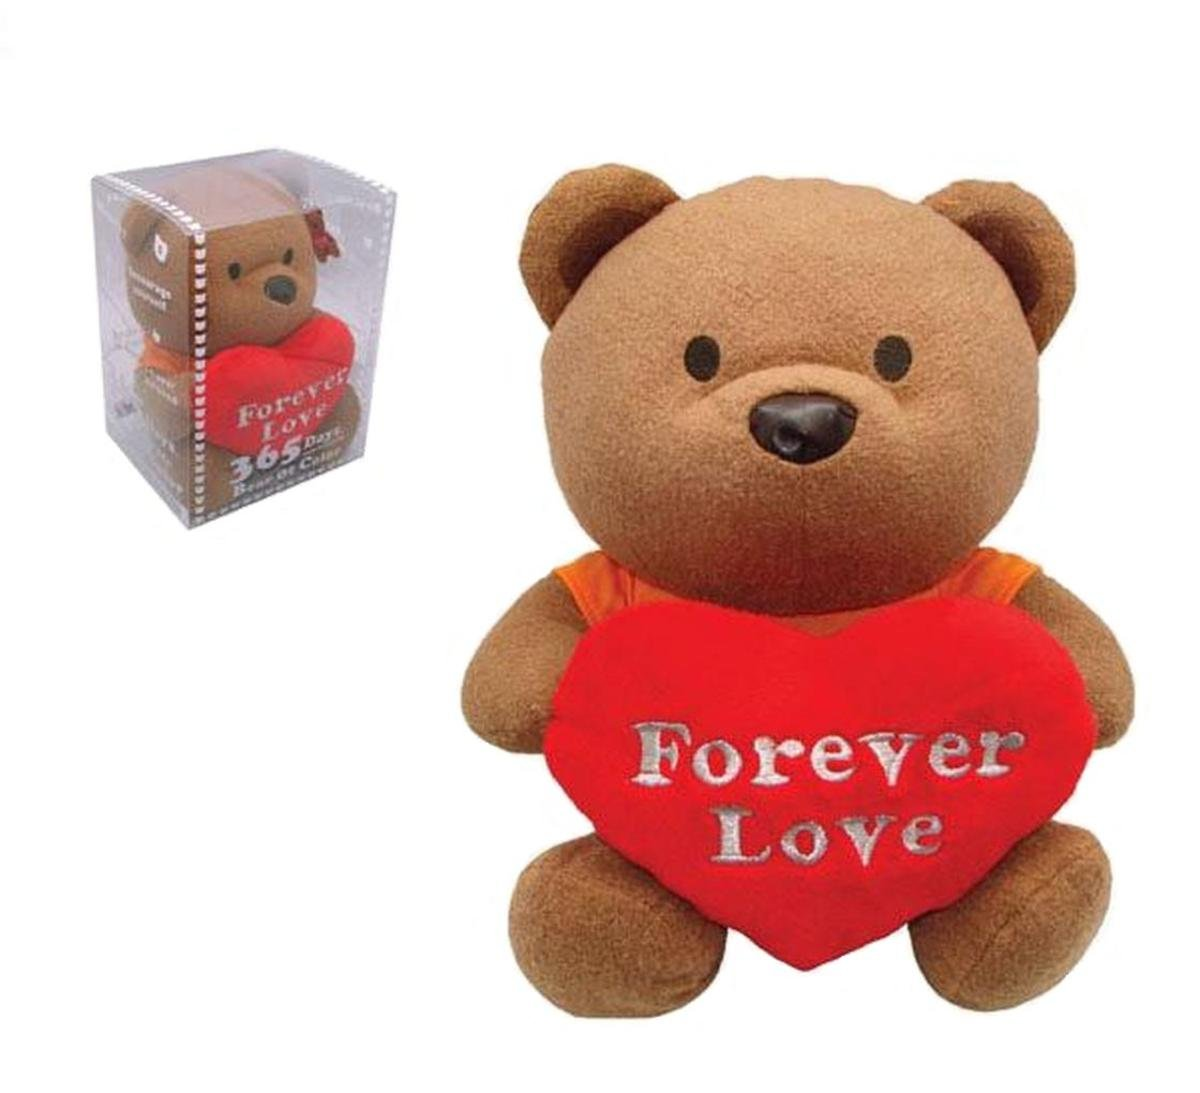 愛的信息系列  -- Fover Love